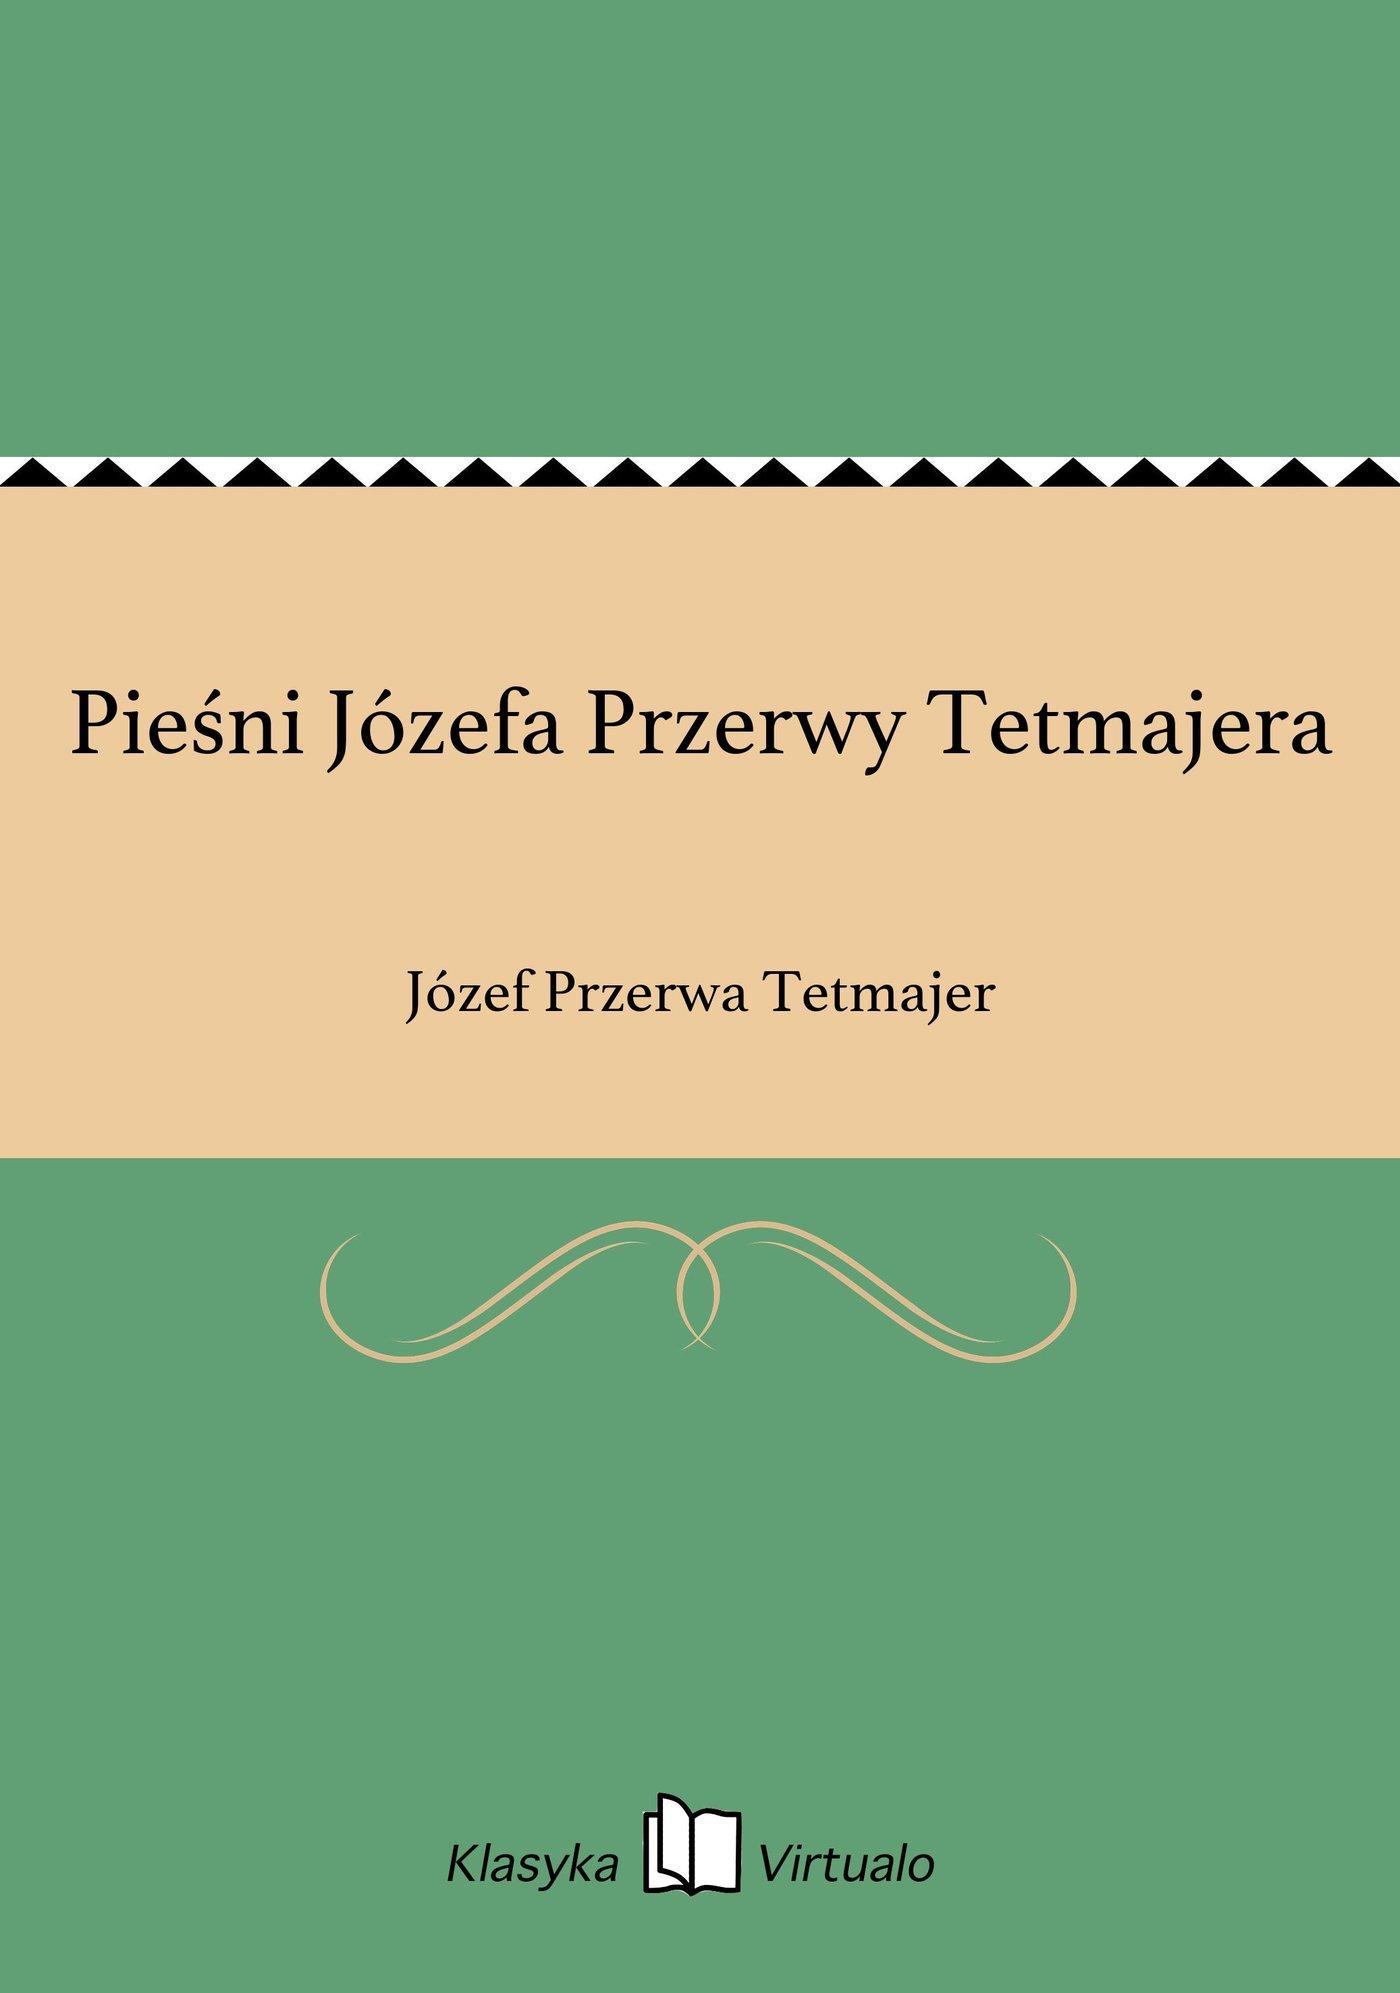 Pieśni Józefa Przerwy Tetmajera - Ebook (Książka EPUB) do pobrania w formacie EPUB